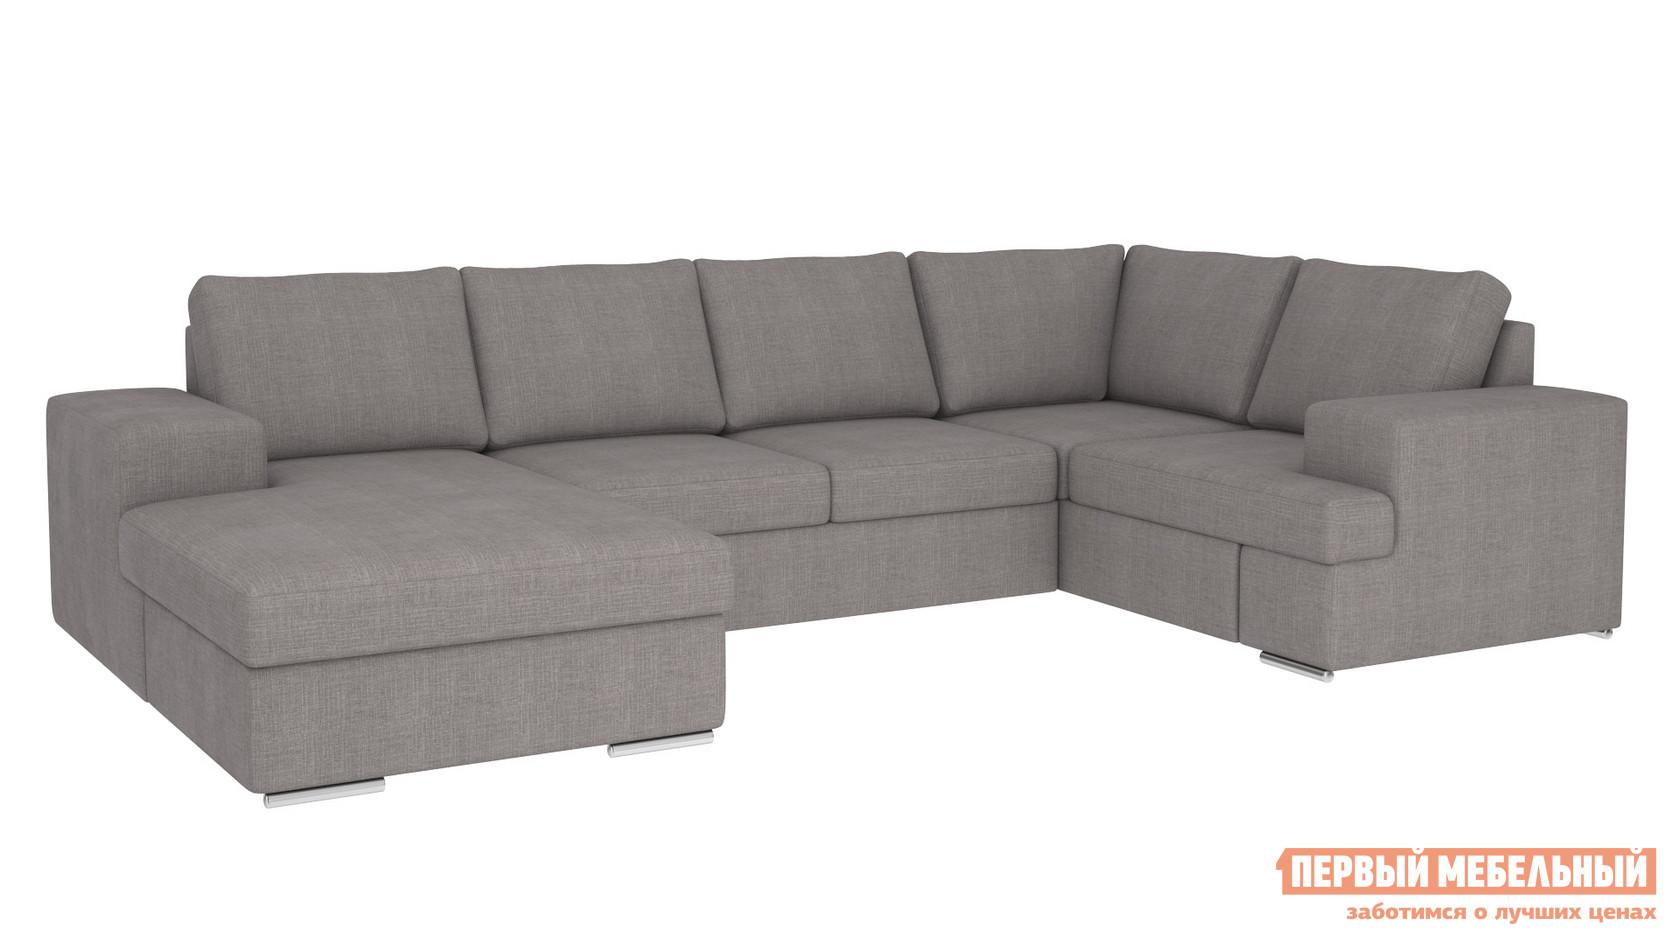 Угловой диван Первый Мебельный Диван Тетрис Комфорт П-образный угол